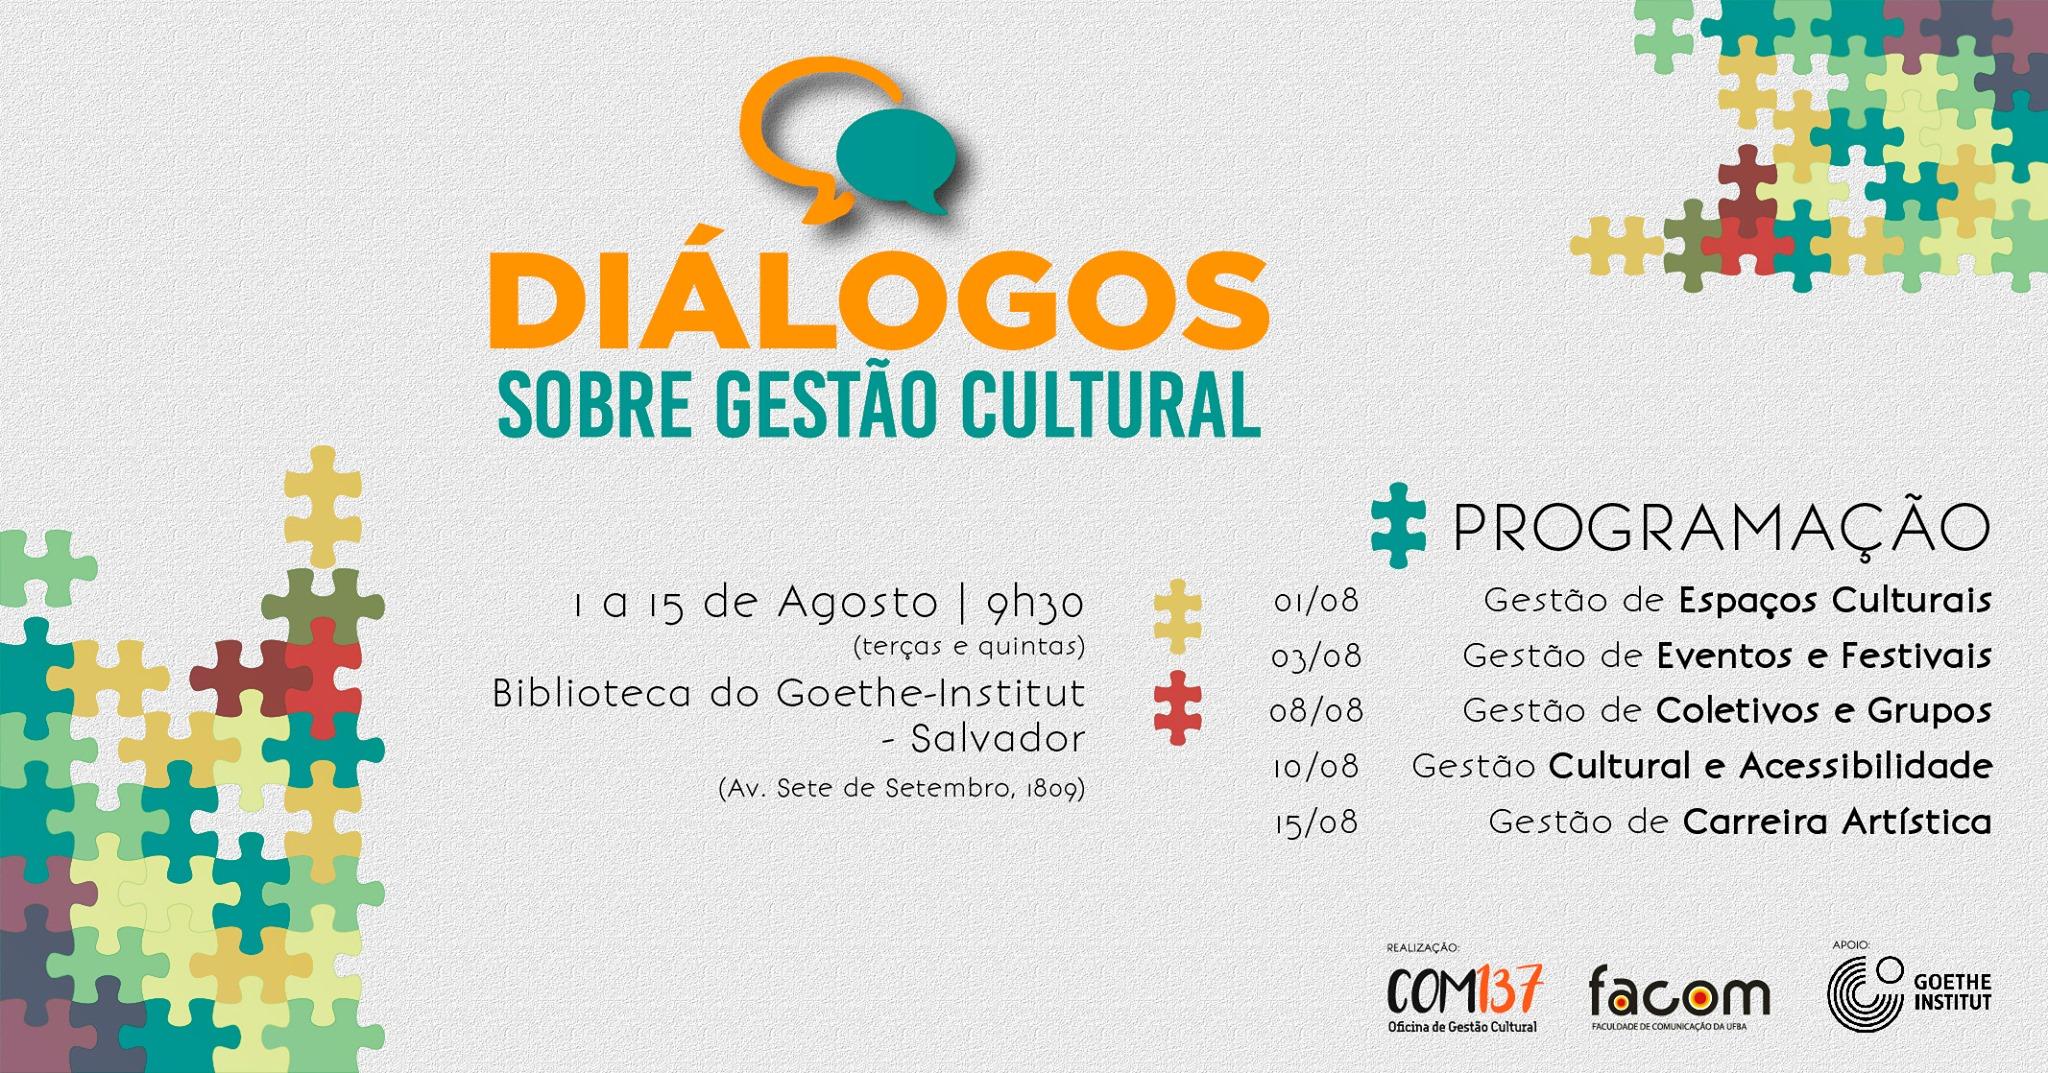 """Alunos da FACOM – UFBA Realizam o Evento """"Diálogos sobre Gestão Cultural: A cena soteropolitana"""""""